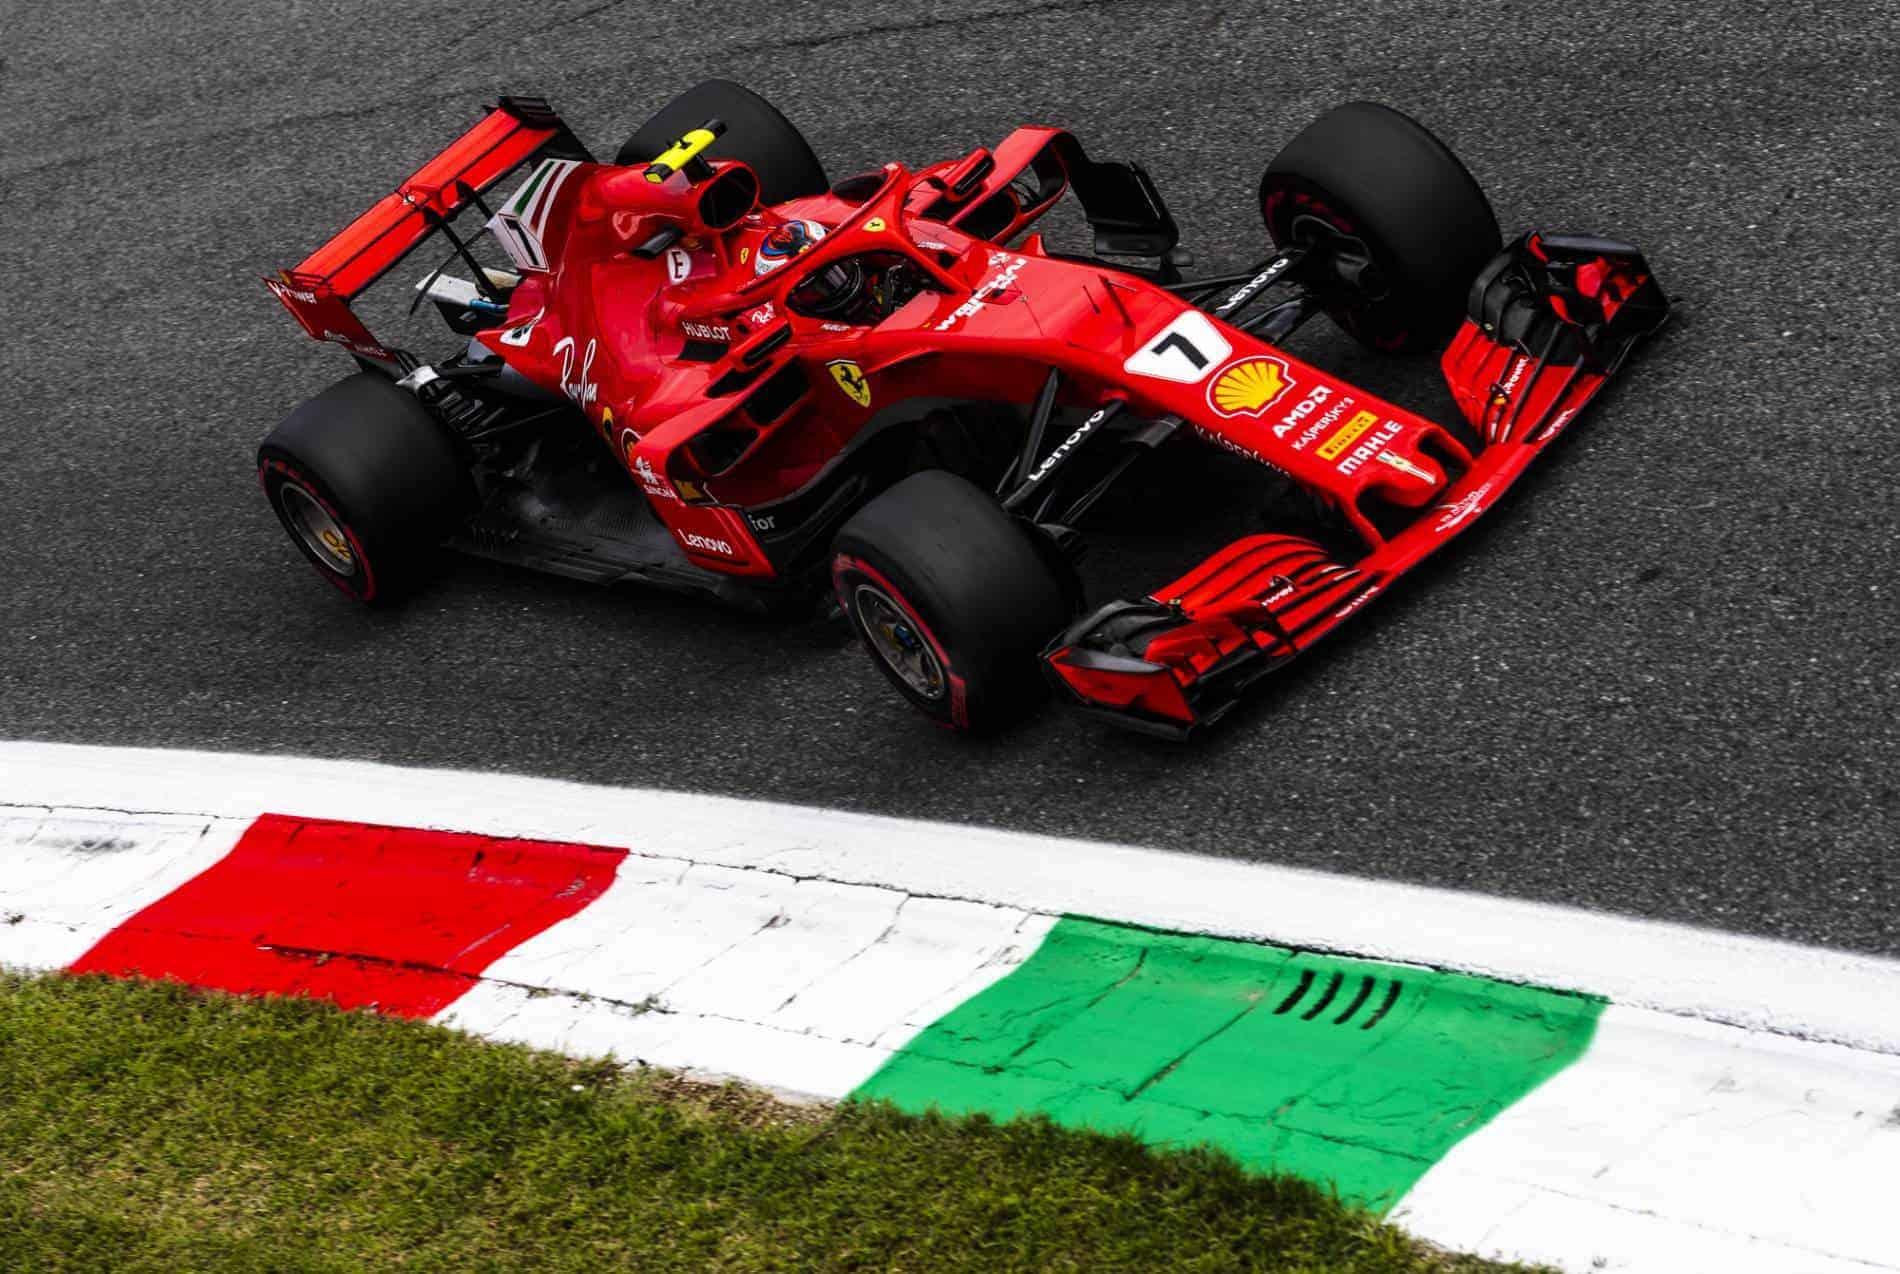 Kimi Raikkonen Italian GP F1 2018 Parabolica Photo Ferrari